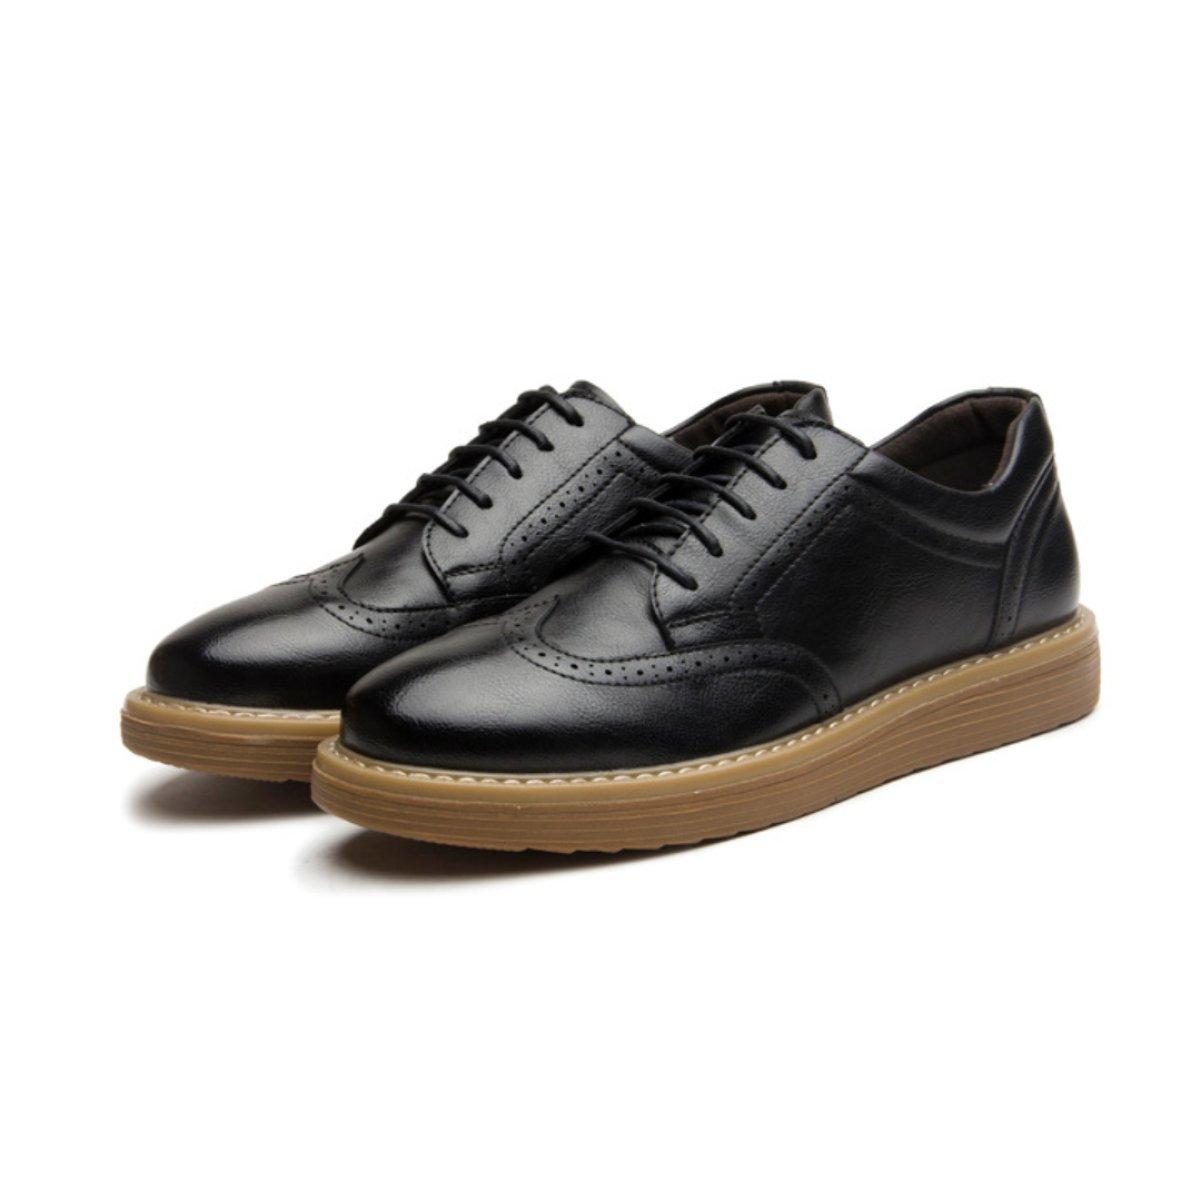 LYZGF Zapatos De Ocio Para Hombres De Negocios Para Jóvenes Zapatos De Encaje De Moda Para Hombres,Black-38 38|Black